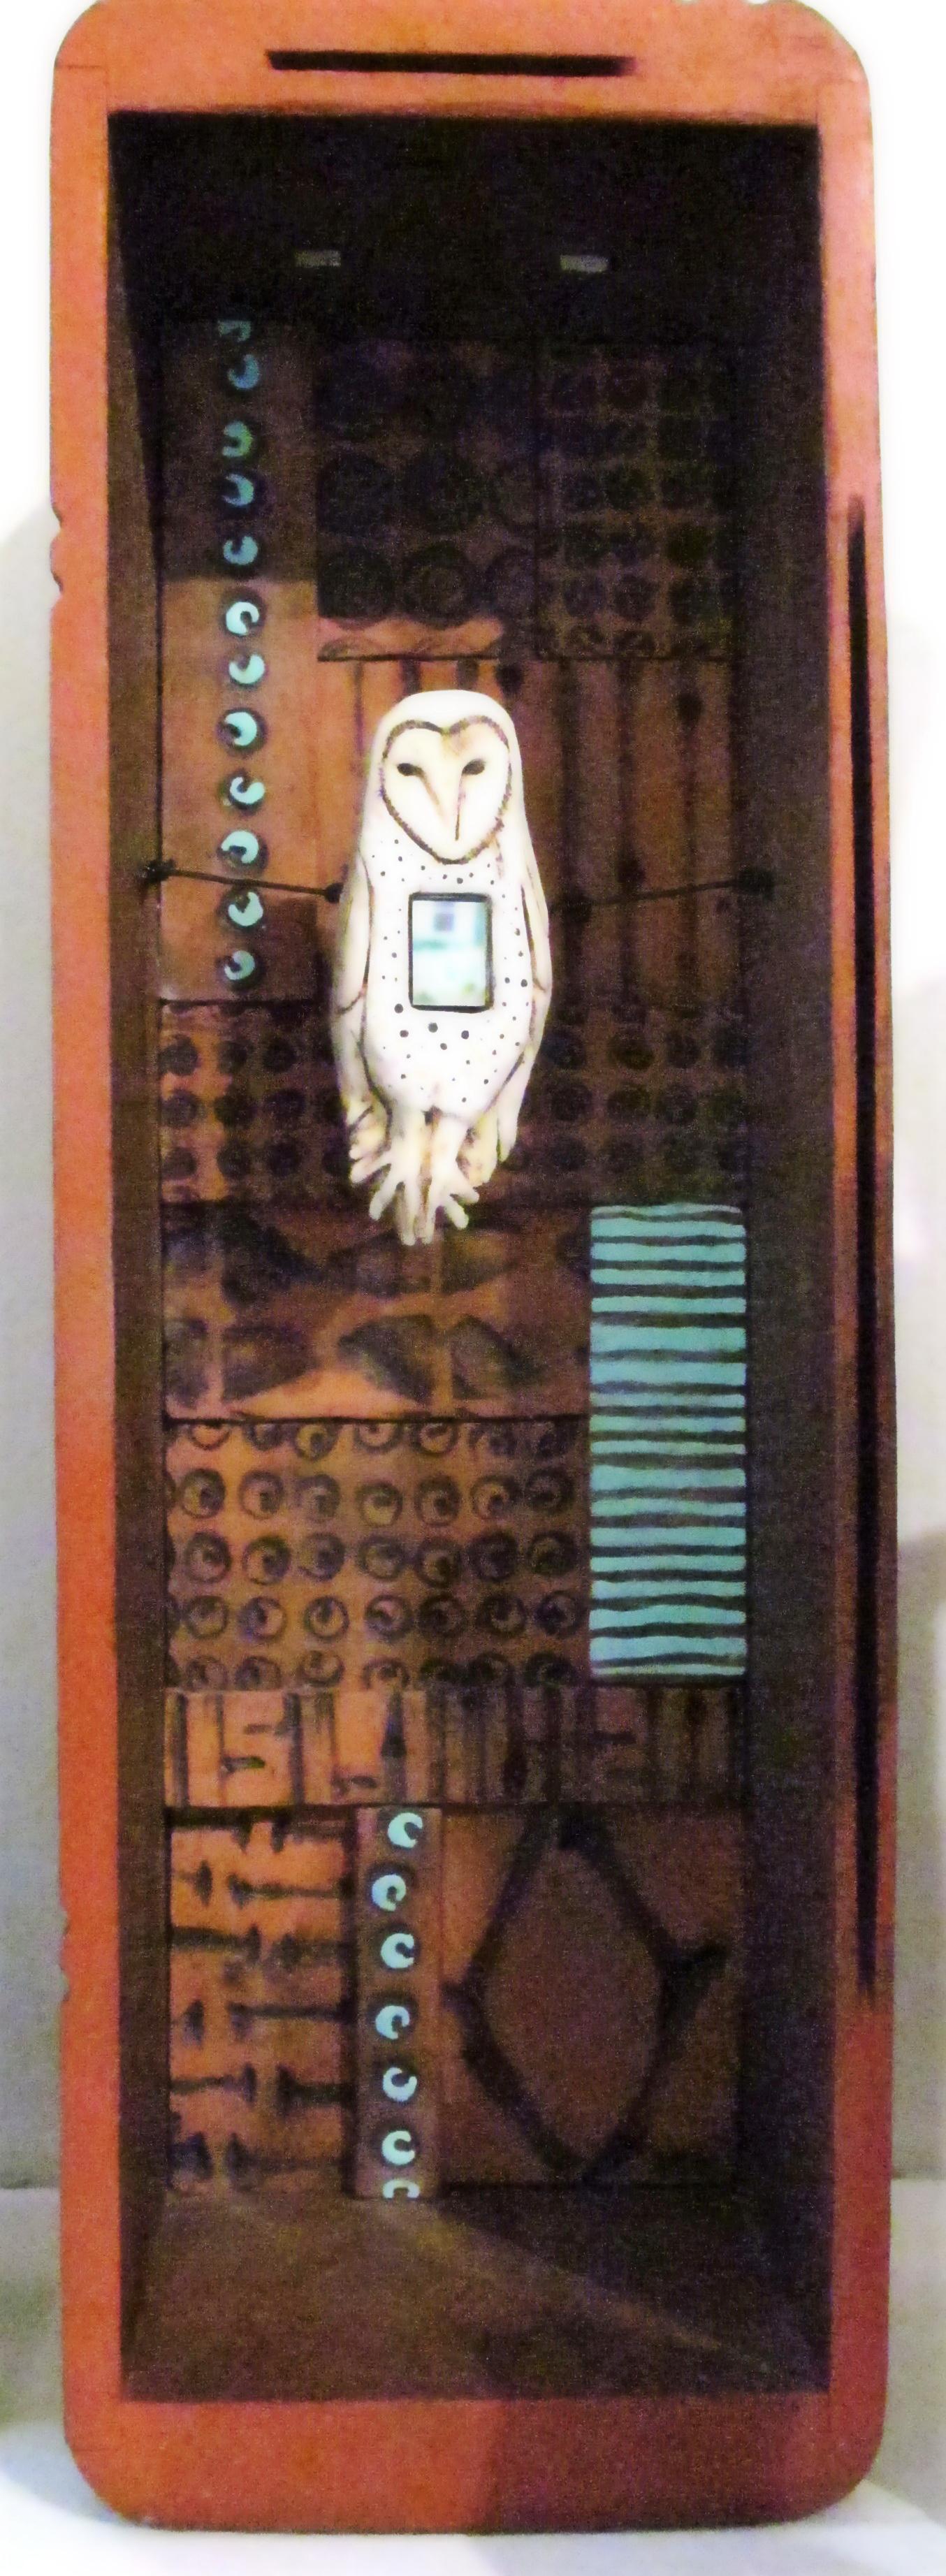 OWL SCULPTURE.jpg